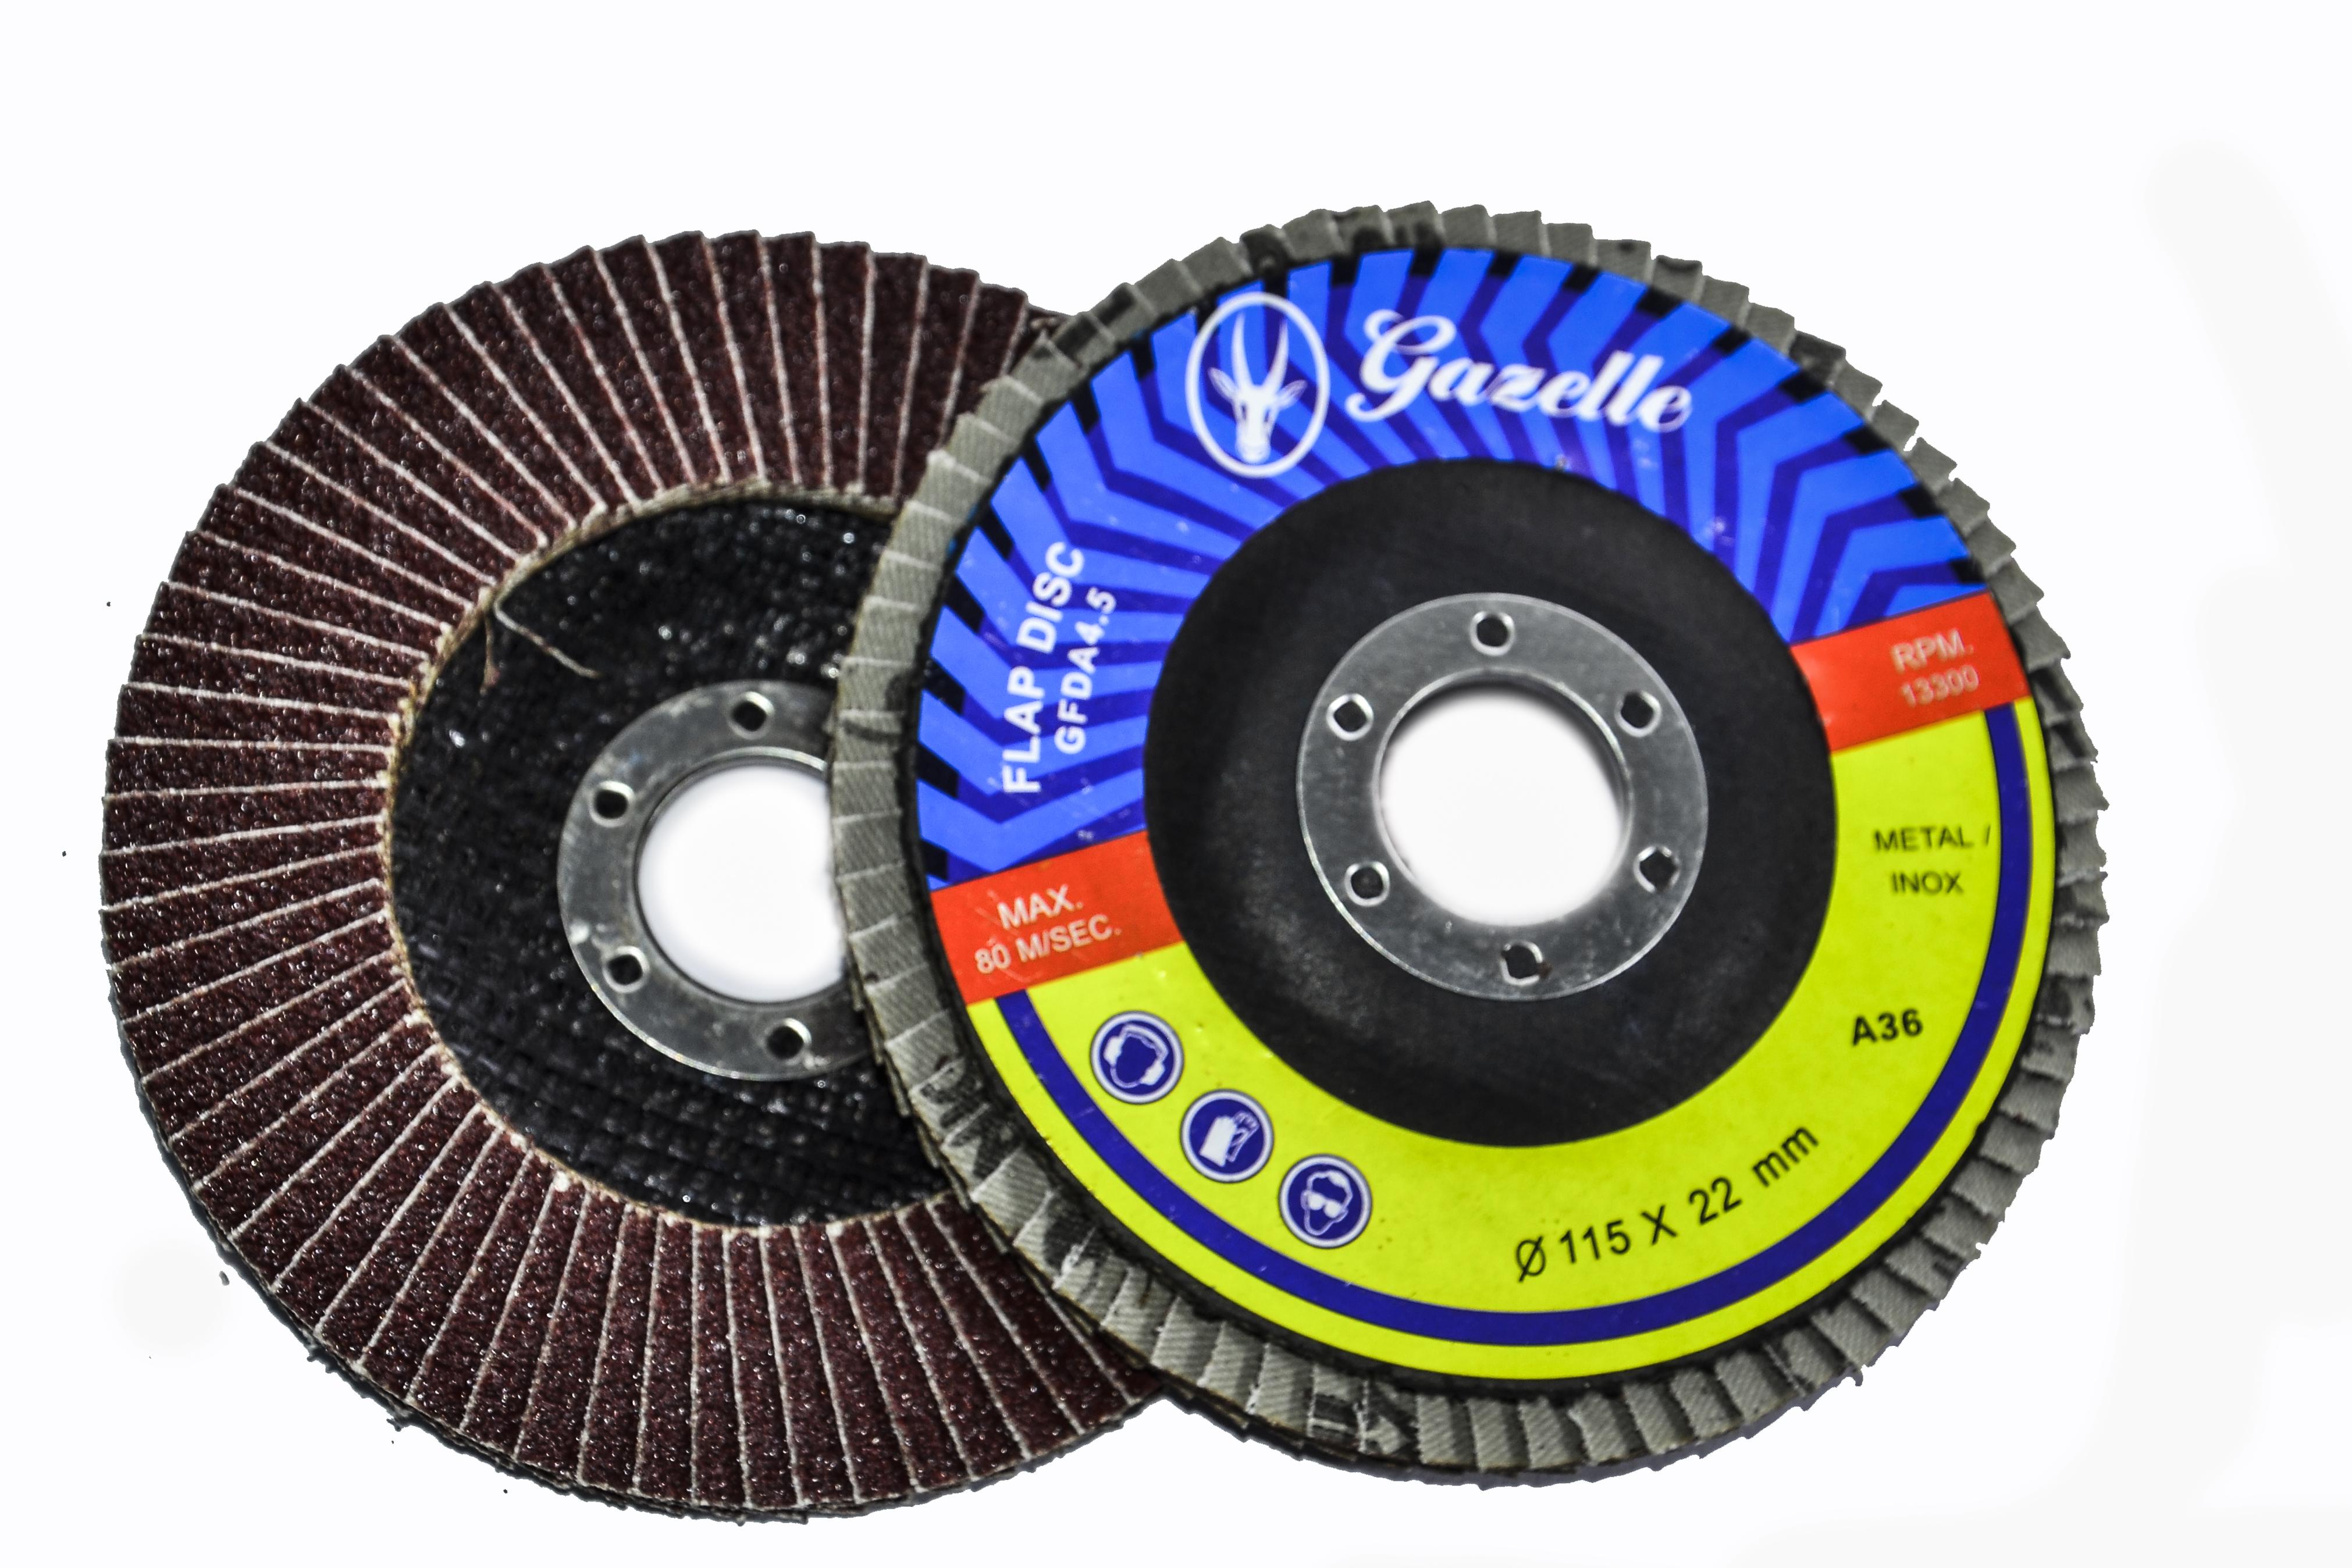 GAZELLE GFDZ480G - Flap Disc 4in – 100mm x 80Grit Zircon